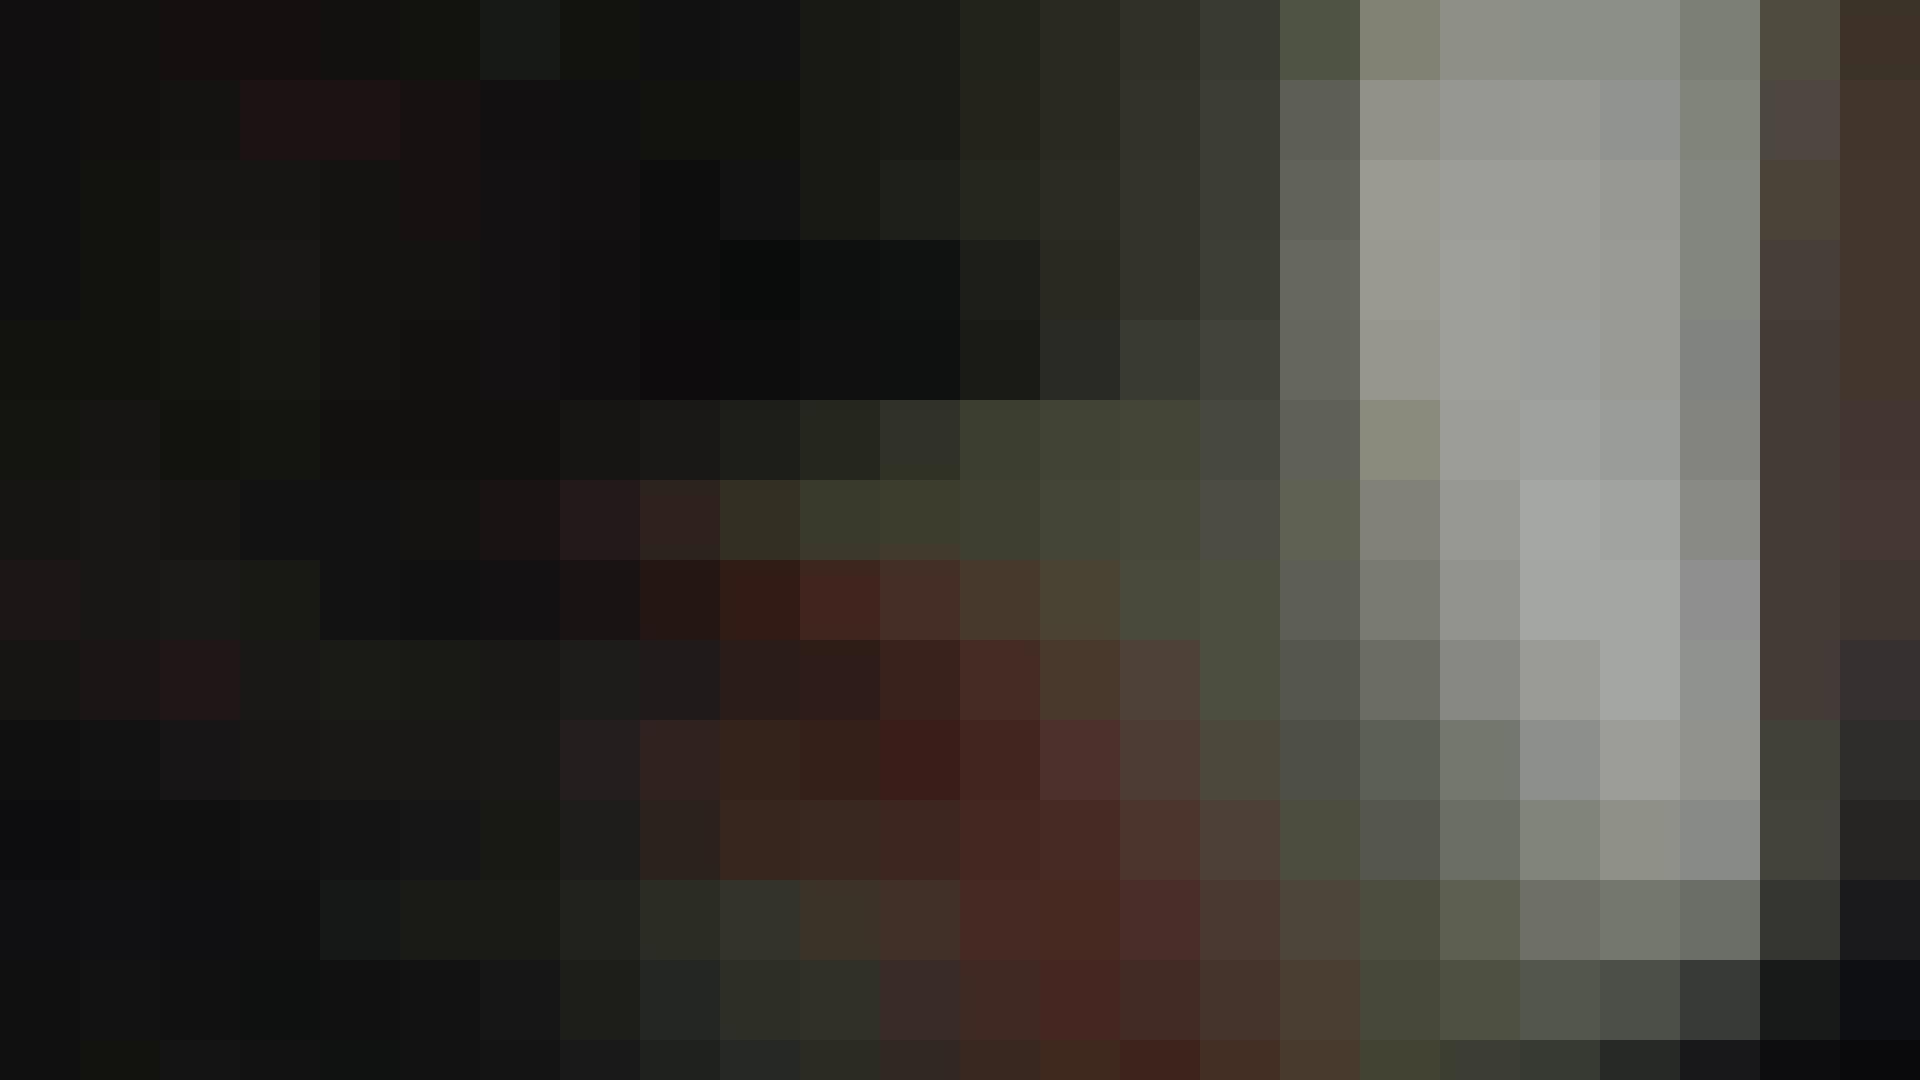 阿国ちゃんの「和式洋式七変化」No.18 iBO(フタコブ) 洗面所  112pic 64